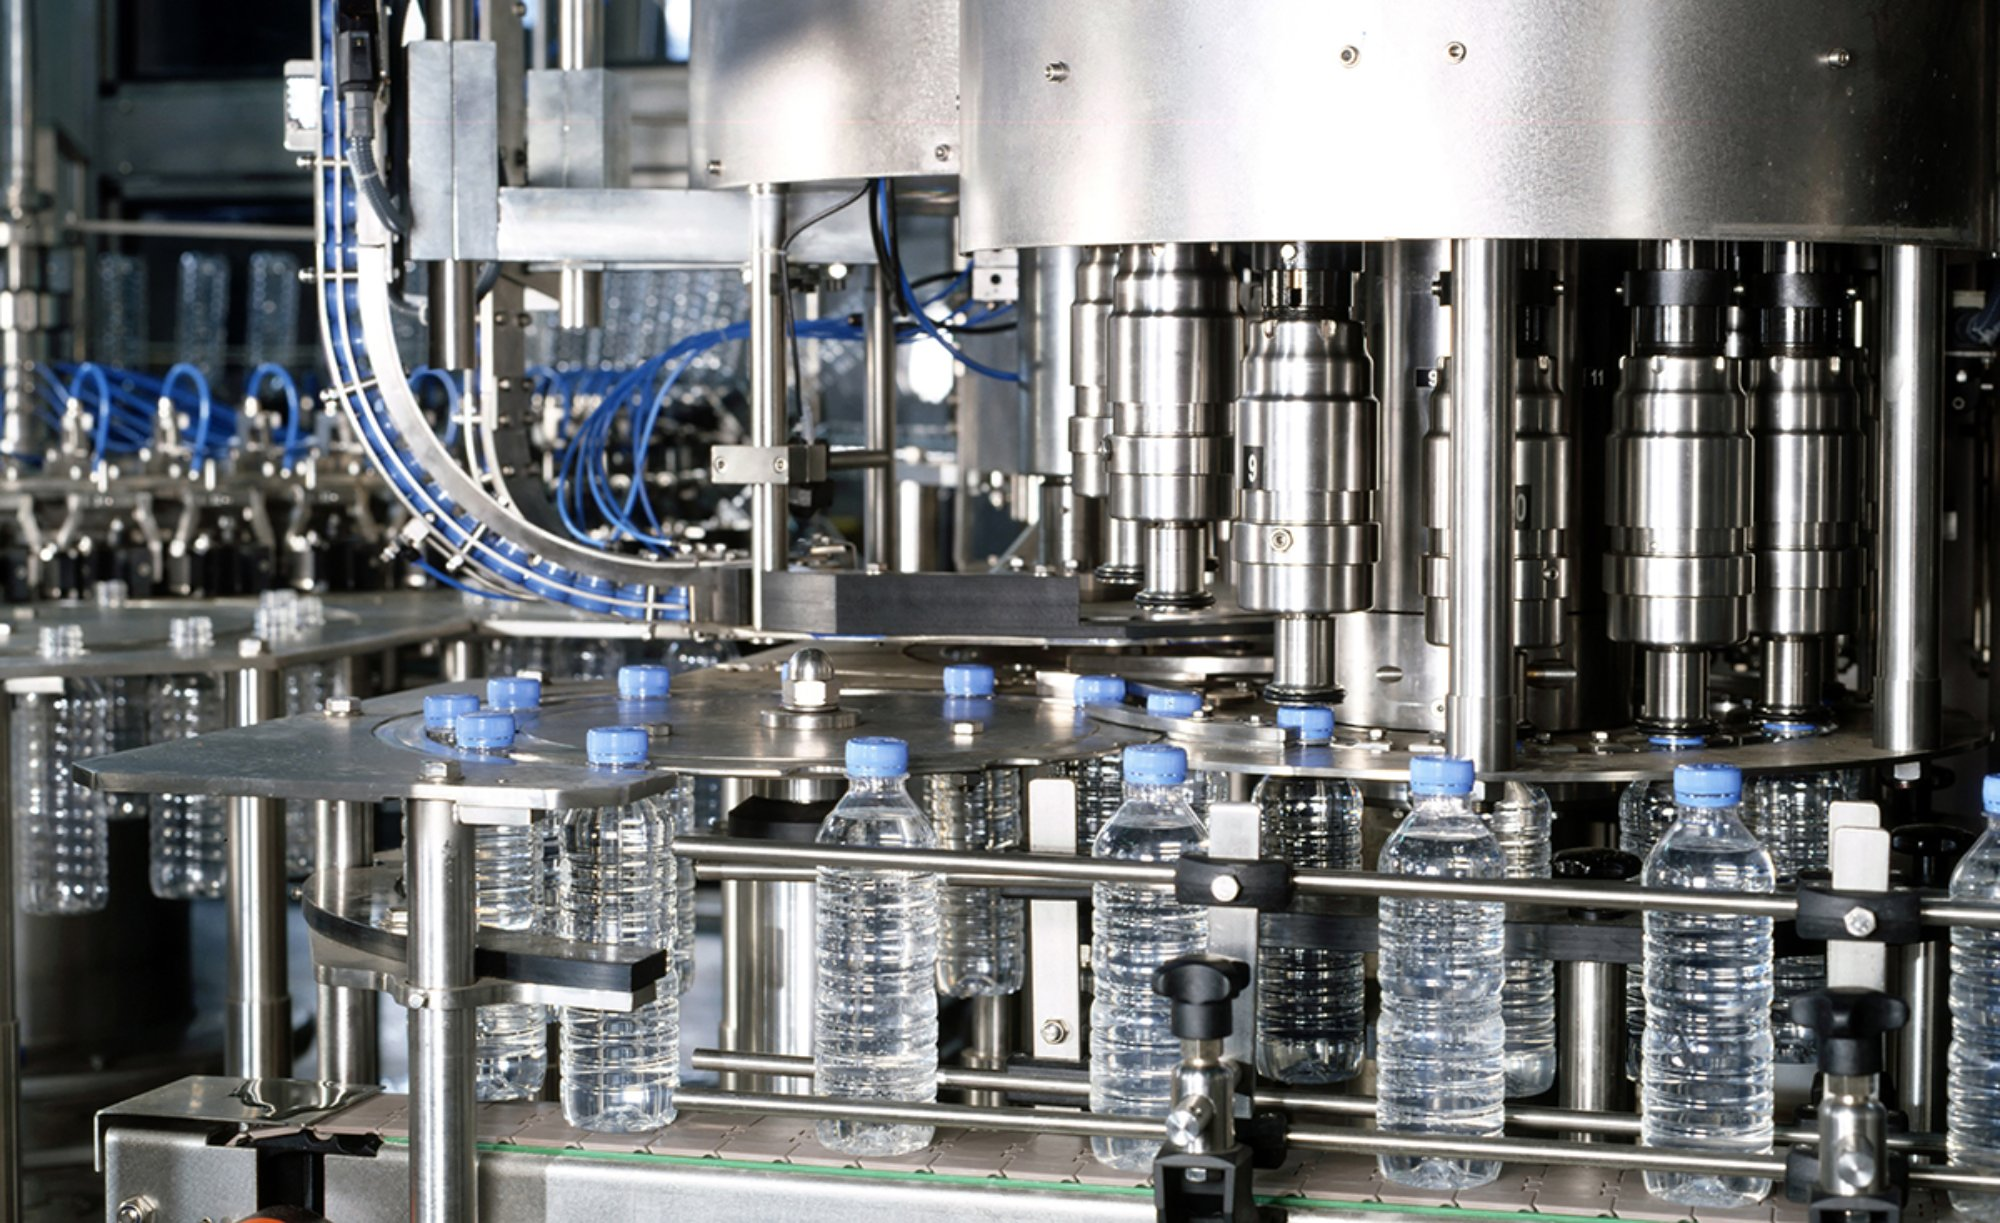 Proyectos-de-Automatizacion-Enerprod-3